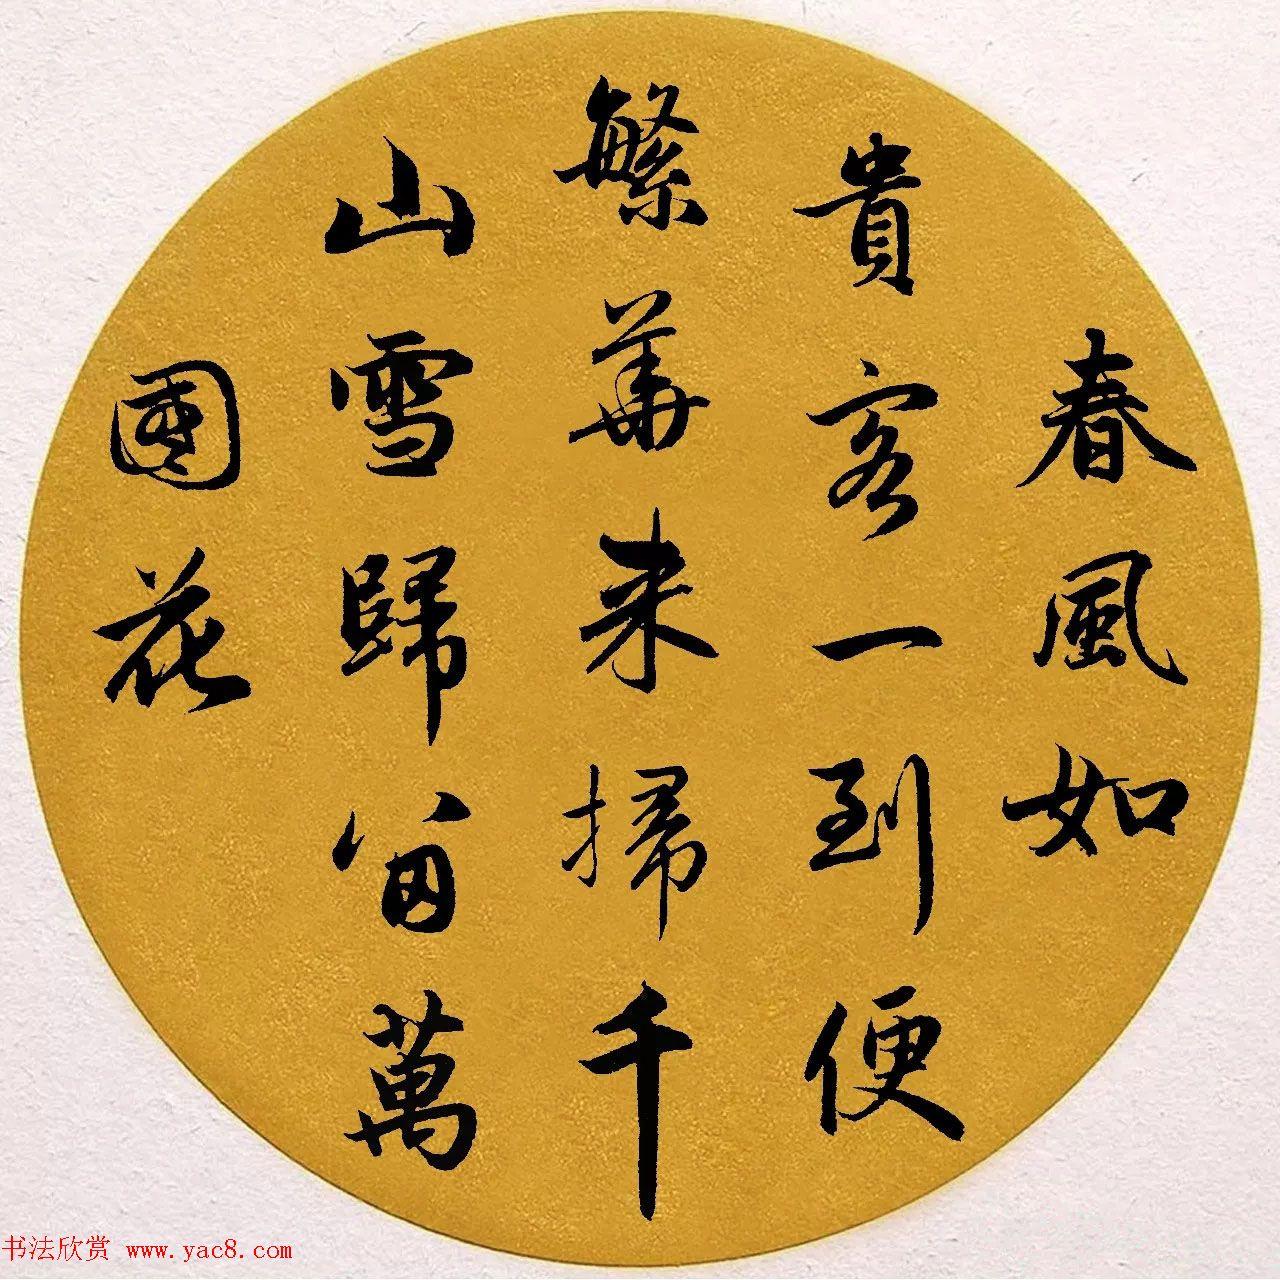 赵孟頫行书集字《春风》+《诉衷情》